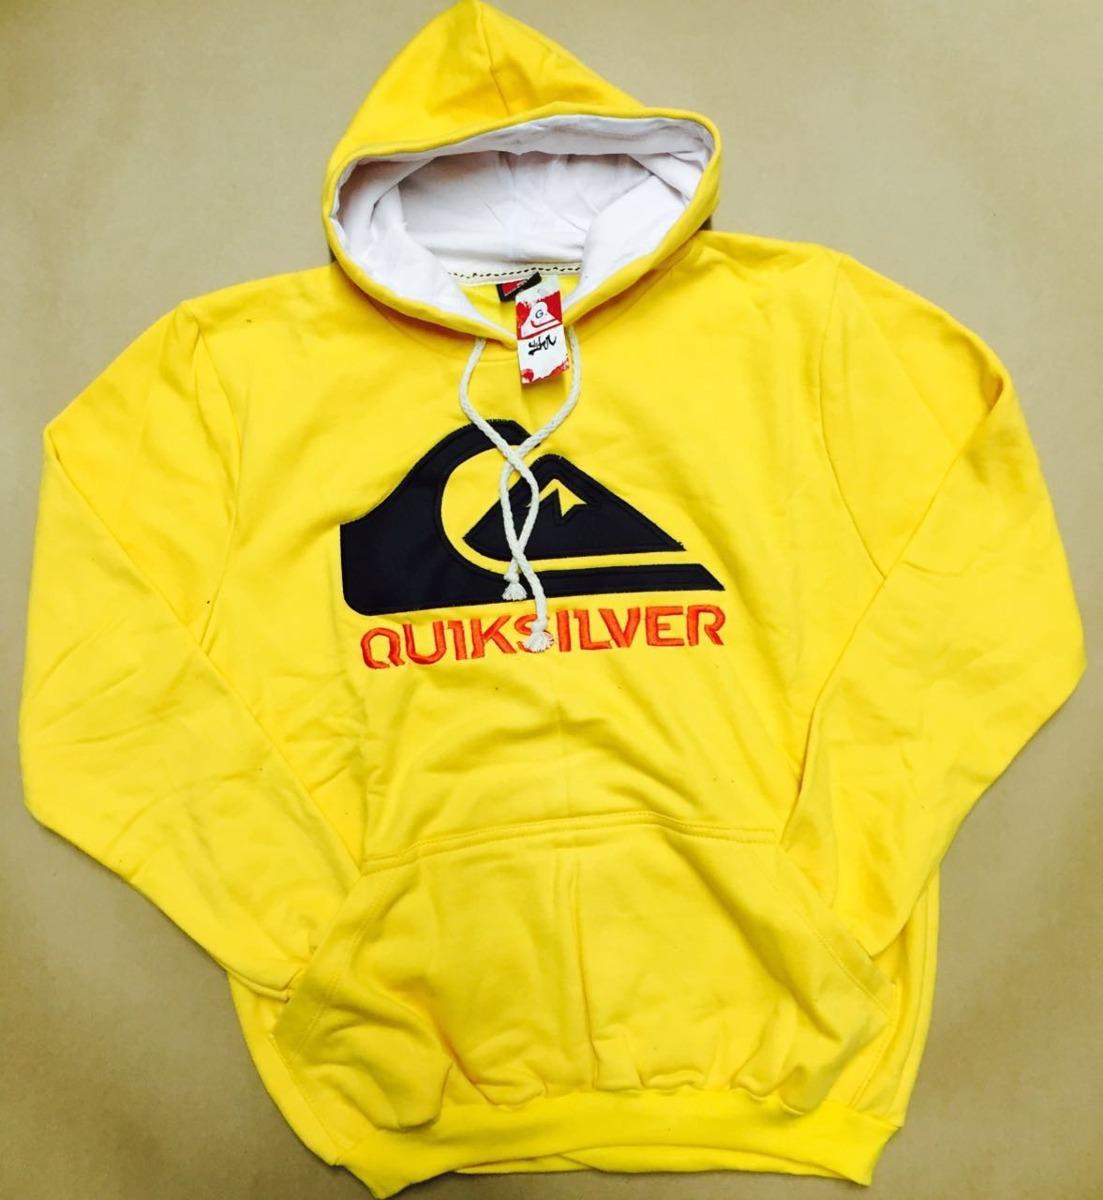 246e33e87e6cc Blusa Frio Quiksilver Surf Moletom Masculino Saldão - R  99,90 em ...